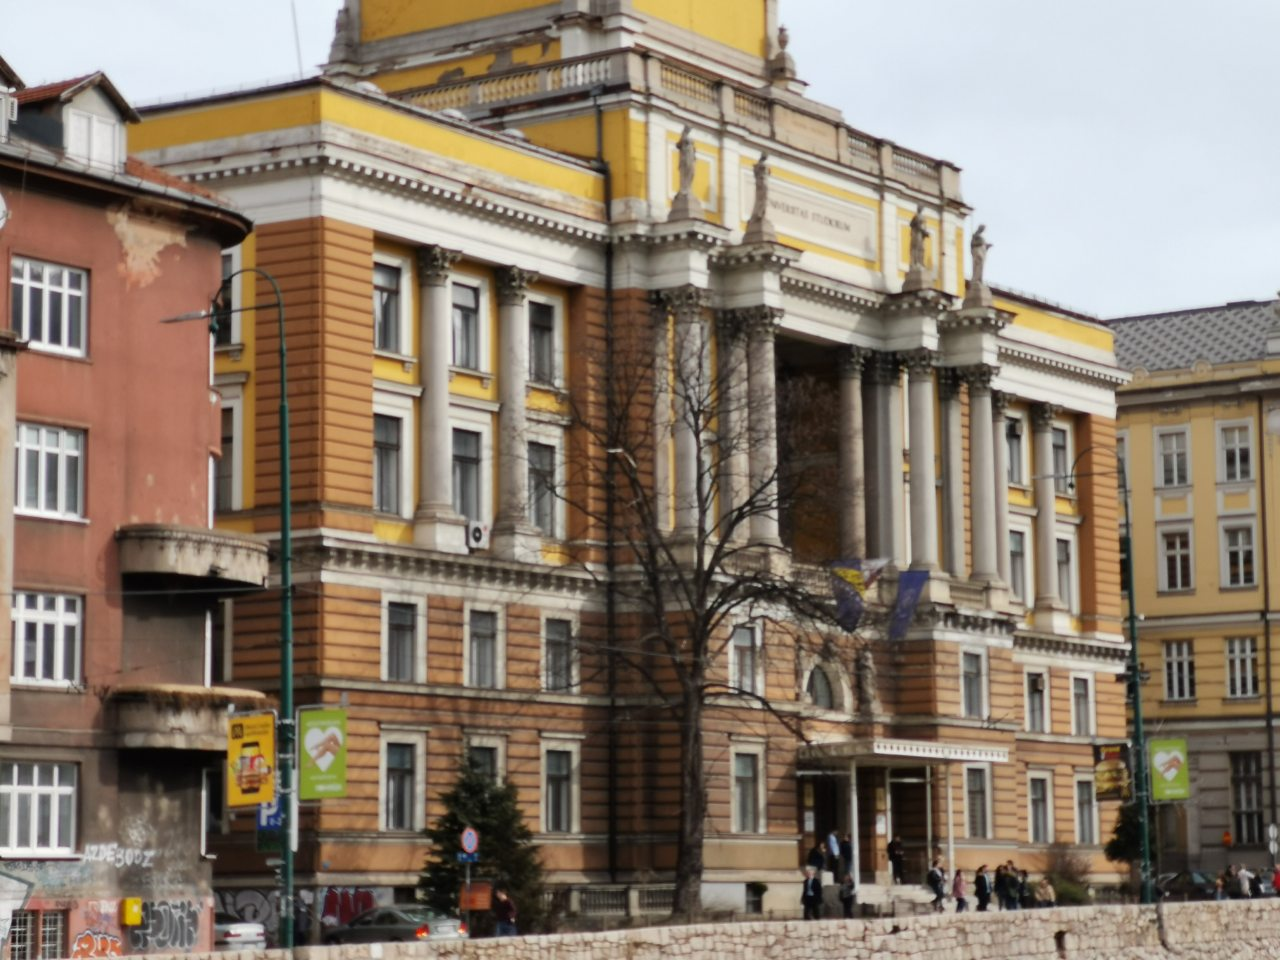 Univerzitet u Sarajevu među 5% najboljih univerziteta u svijetu prema rangiranju Webometricsa